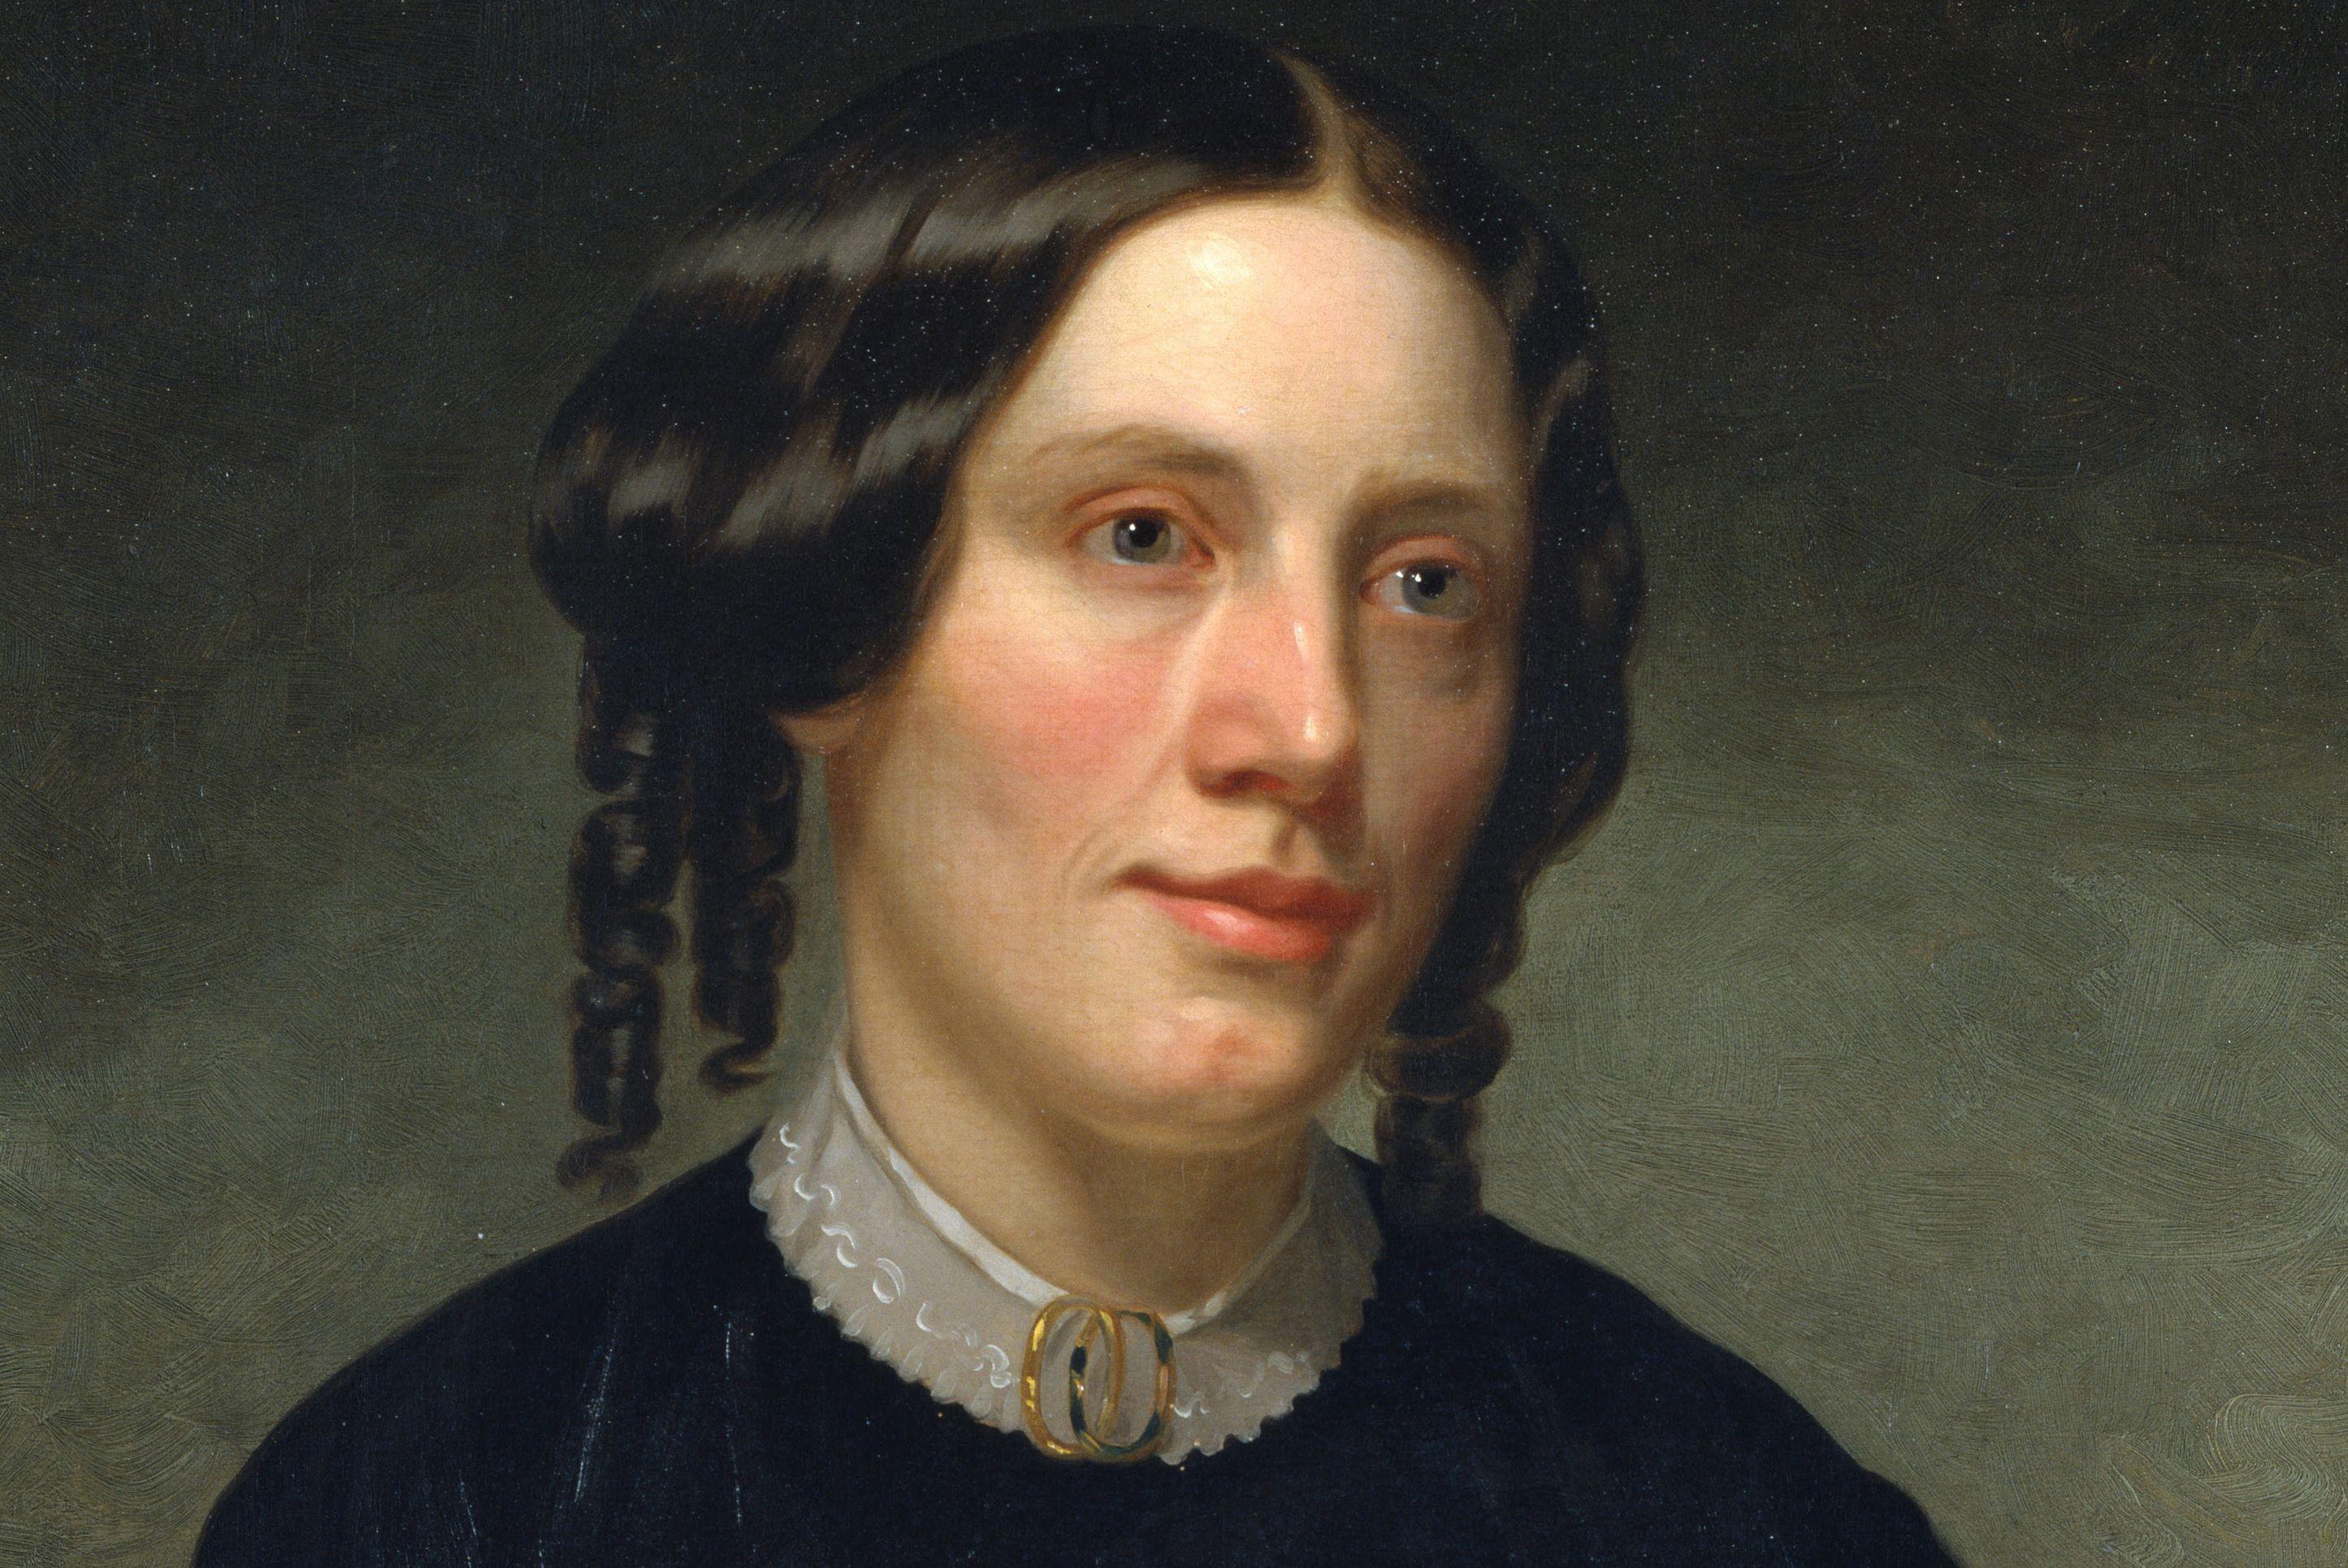 Harriet-Beecher-Stowe-464442735-x-56aa255e5f9b58b7d000fcfe